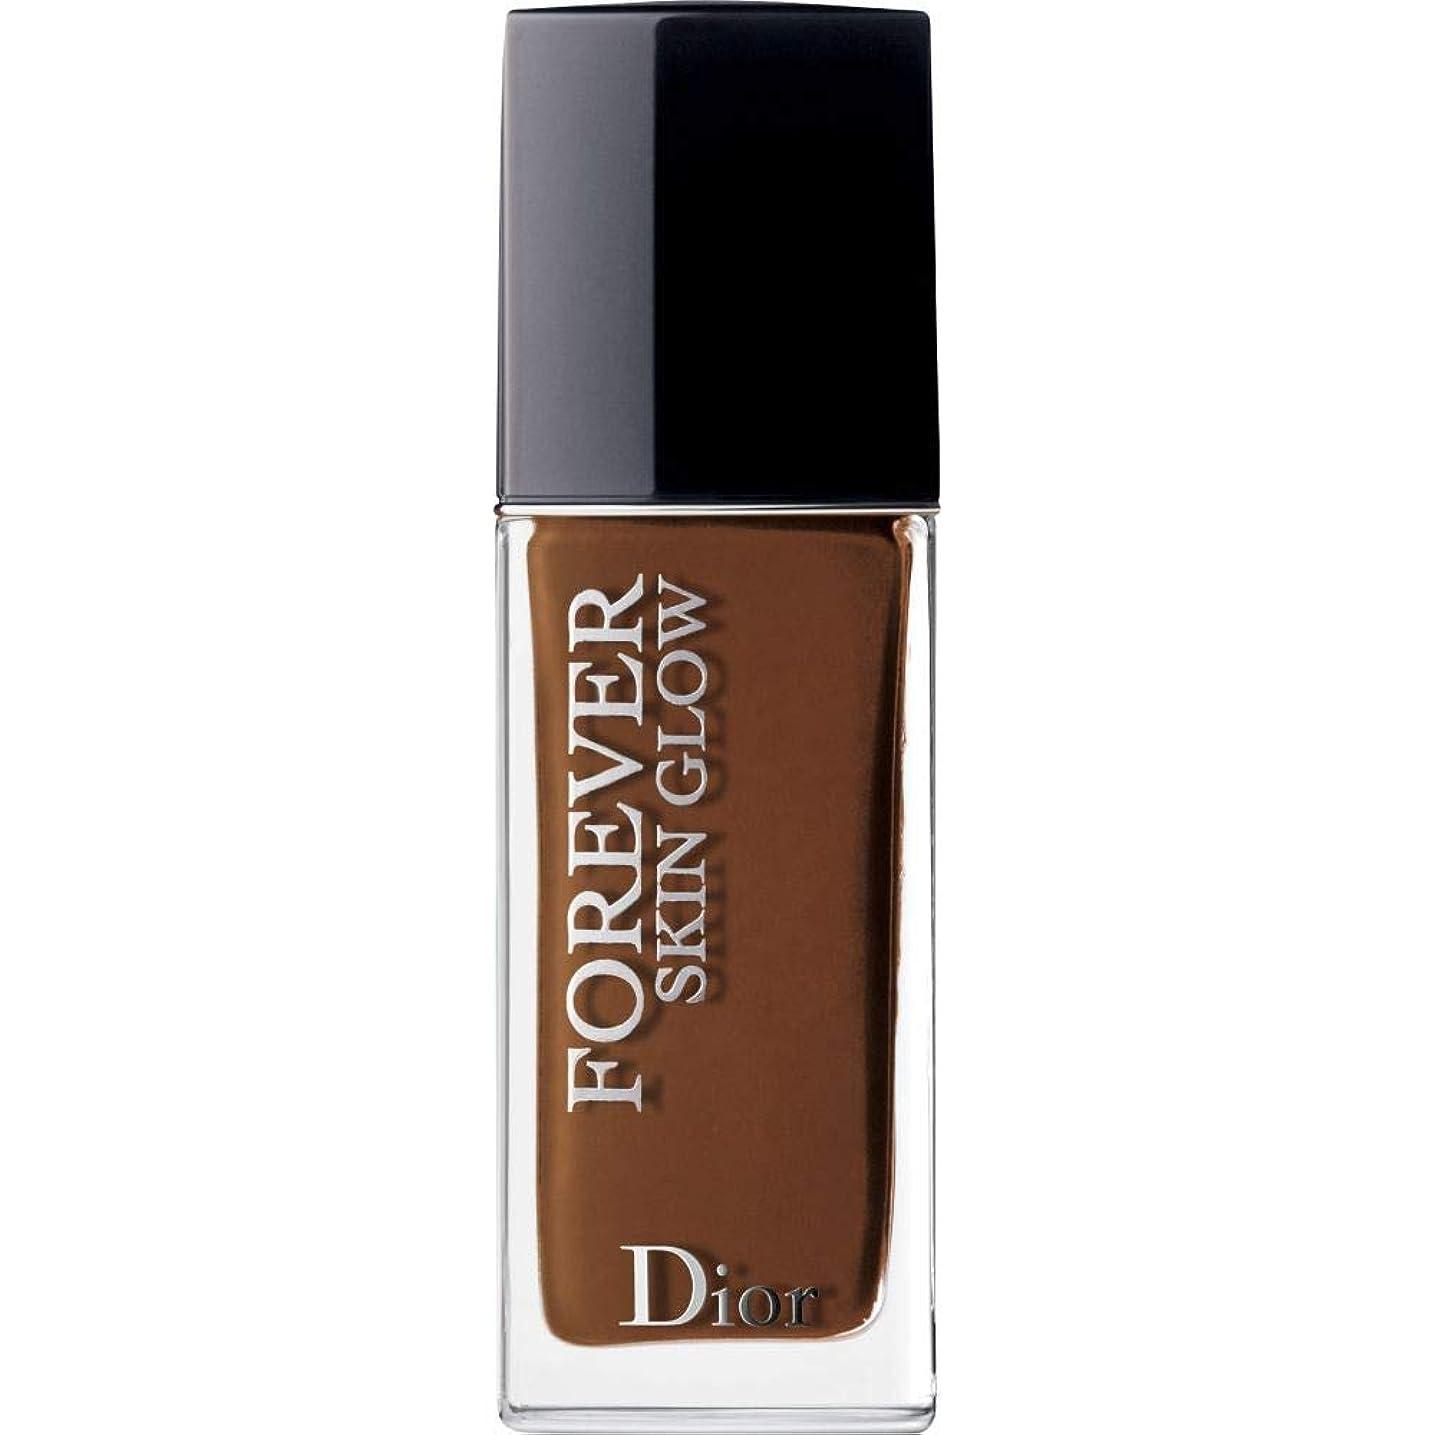 署名小麦モーテル[Dior ] ディオール永遠に皮膚グロー皮膚思いやりの基礎Spf35 30ミリリットルの9N - ニュートラル(肌の輝き) - DIOR Forever Skin Glow Skin-Caring Foundation SPF35 30ml 9N - Neutral (Skin Glow) [並行輸入品]